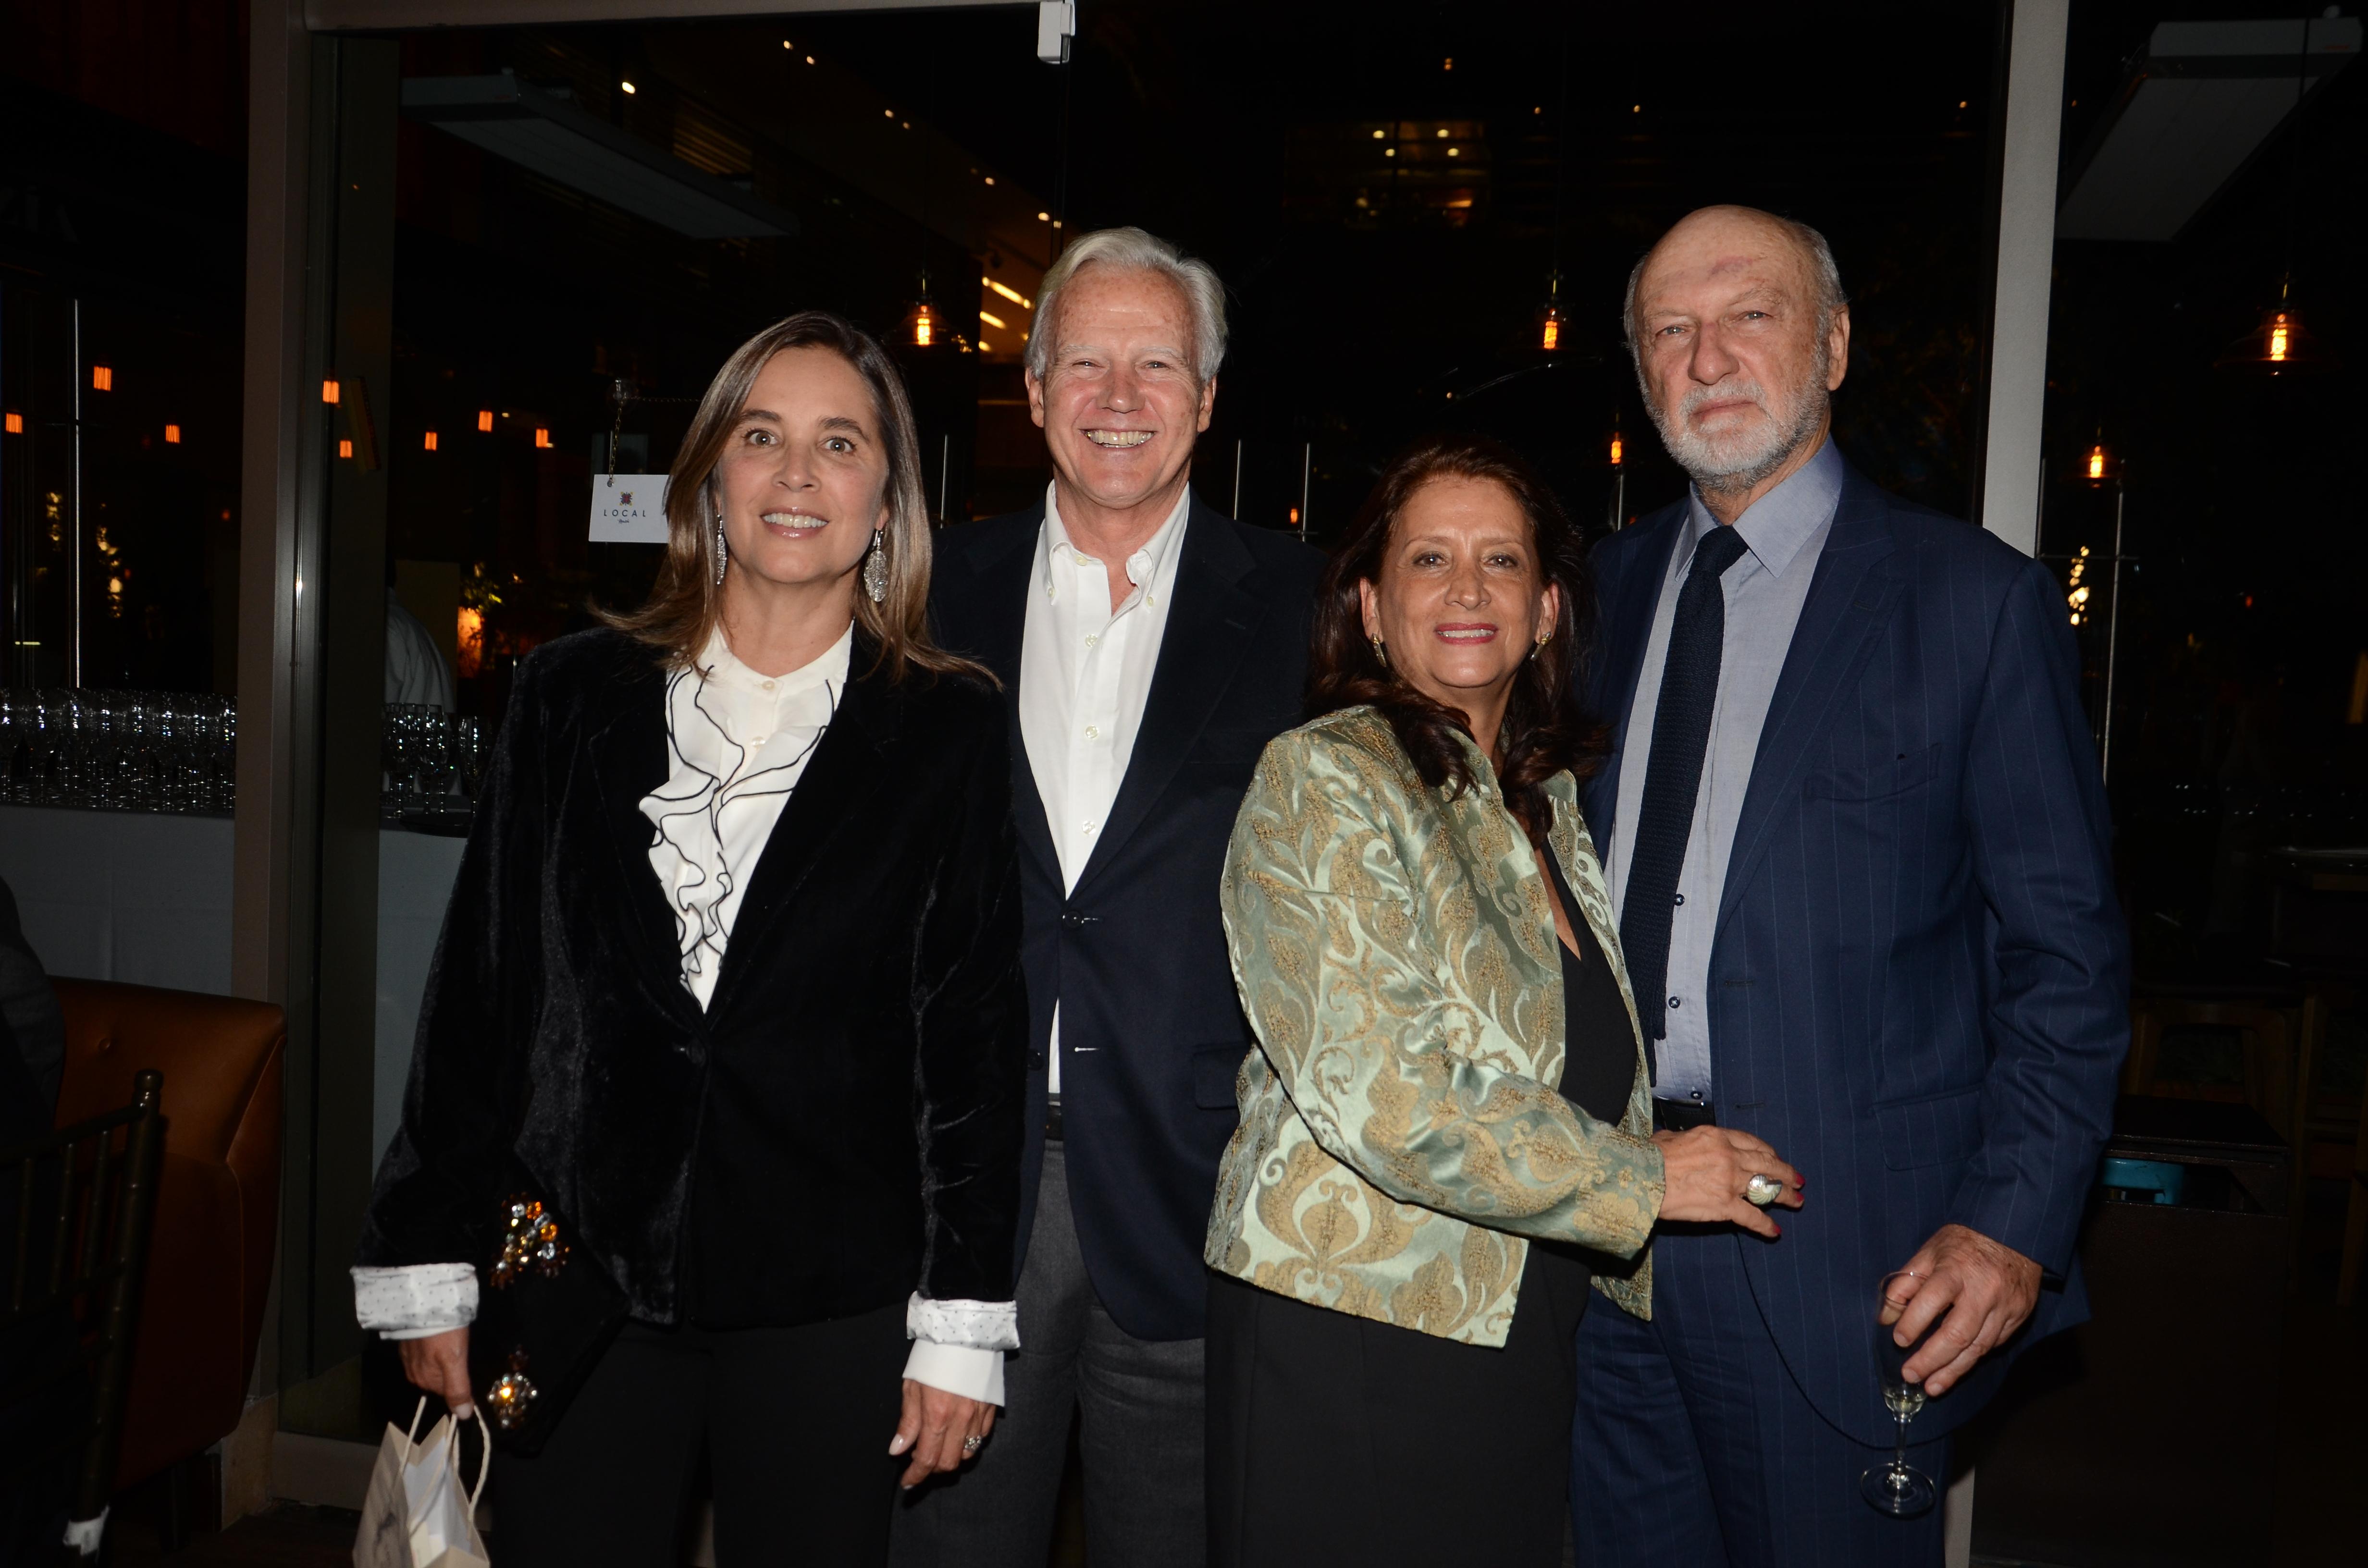 Alexandra Mora, Felipe Samper, Ana Maria Restrepo y John Sudarsky